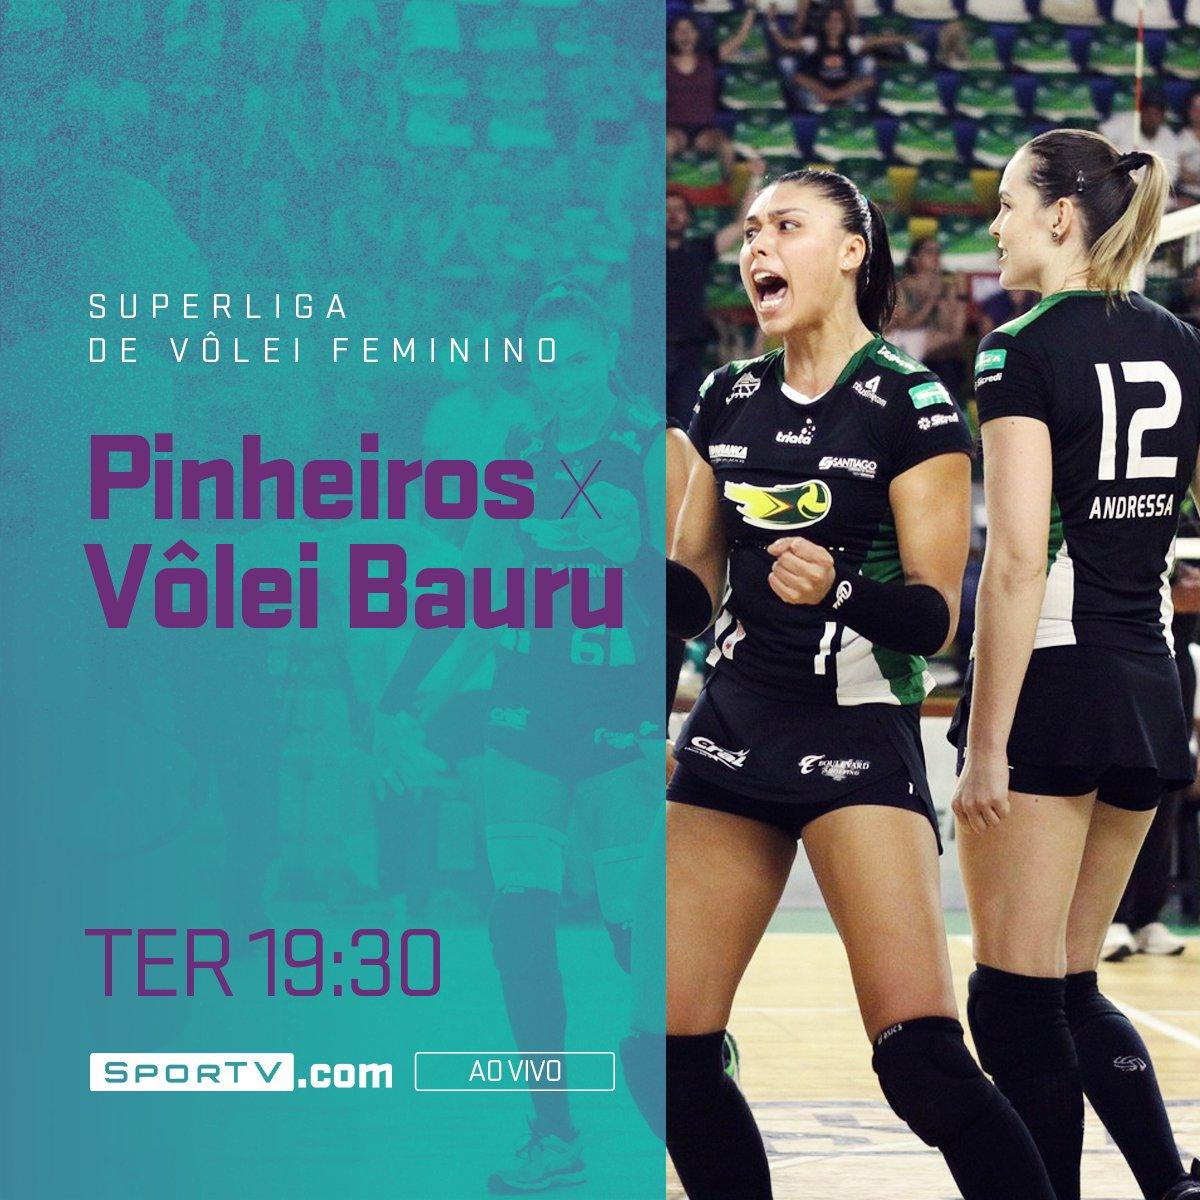 A Superliga voltou e você vê a partida entre as meninas do Pinheiros x Vôlei Bauru às 19:30, no https://t.co/0QCBGRLooa! #SuperligaNoSporTV